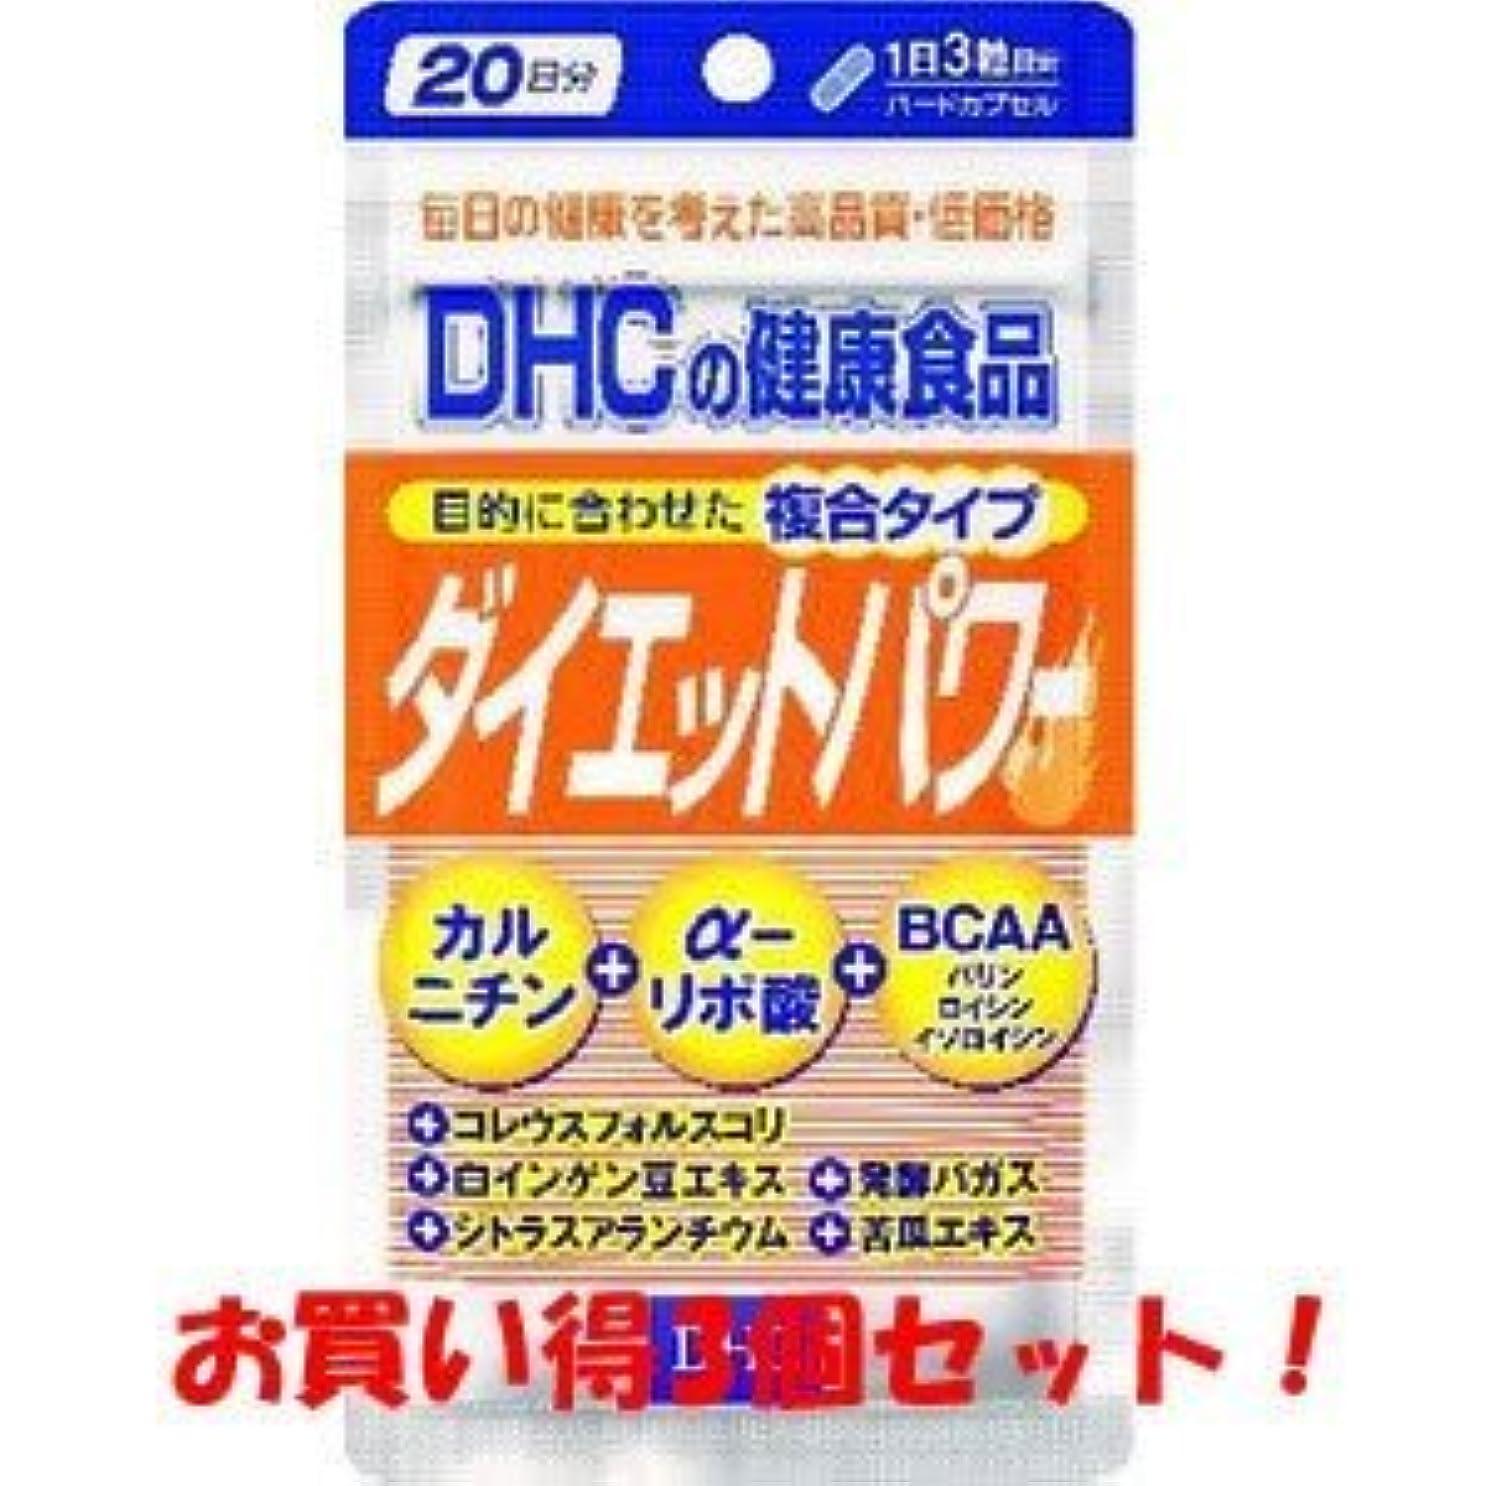 梨候補者マンモスDHC ダイエットパワー20日分 60粒(お買い得3個セット)